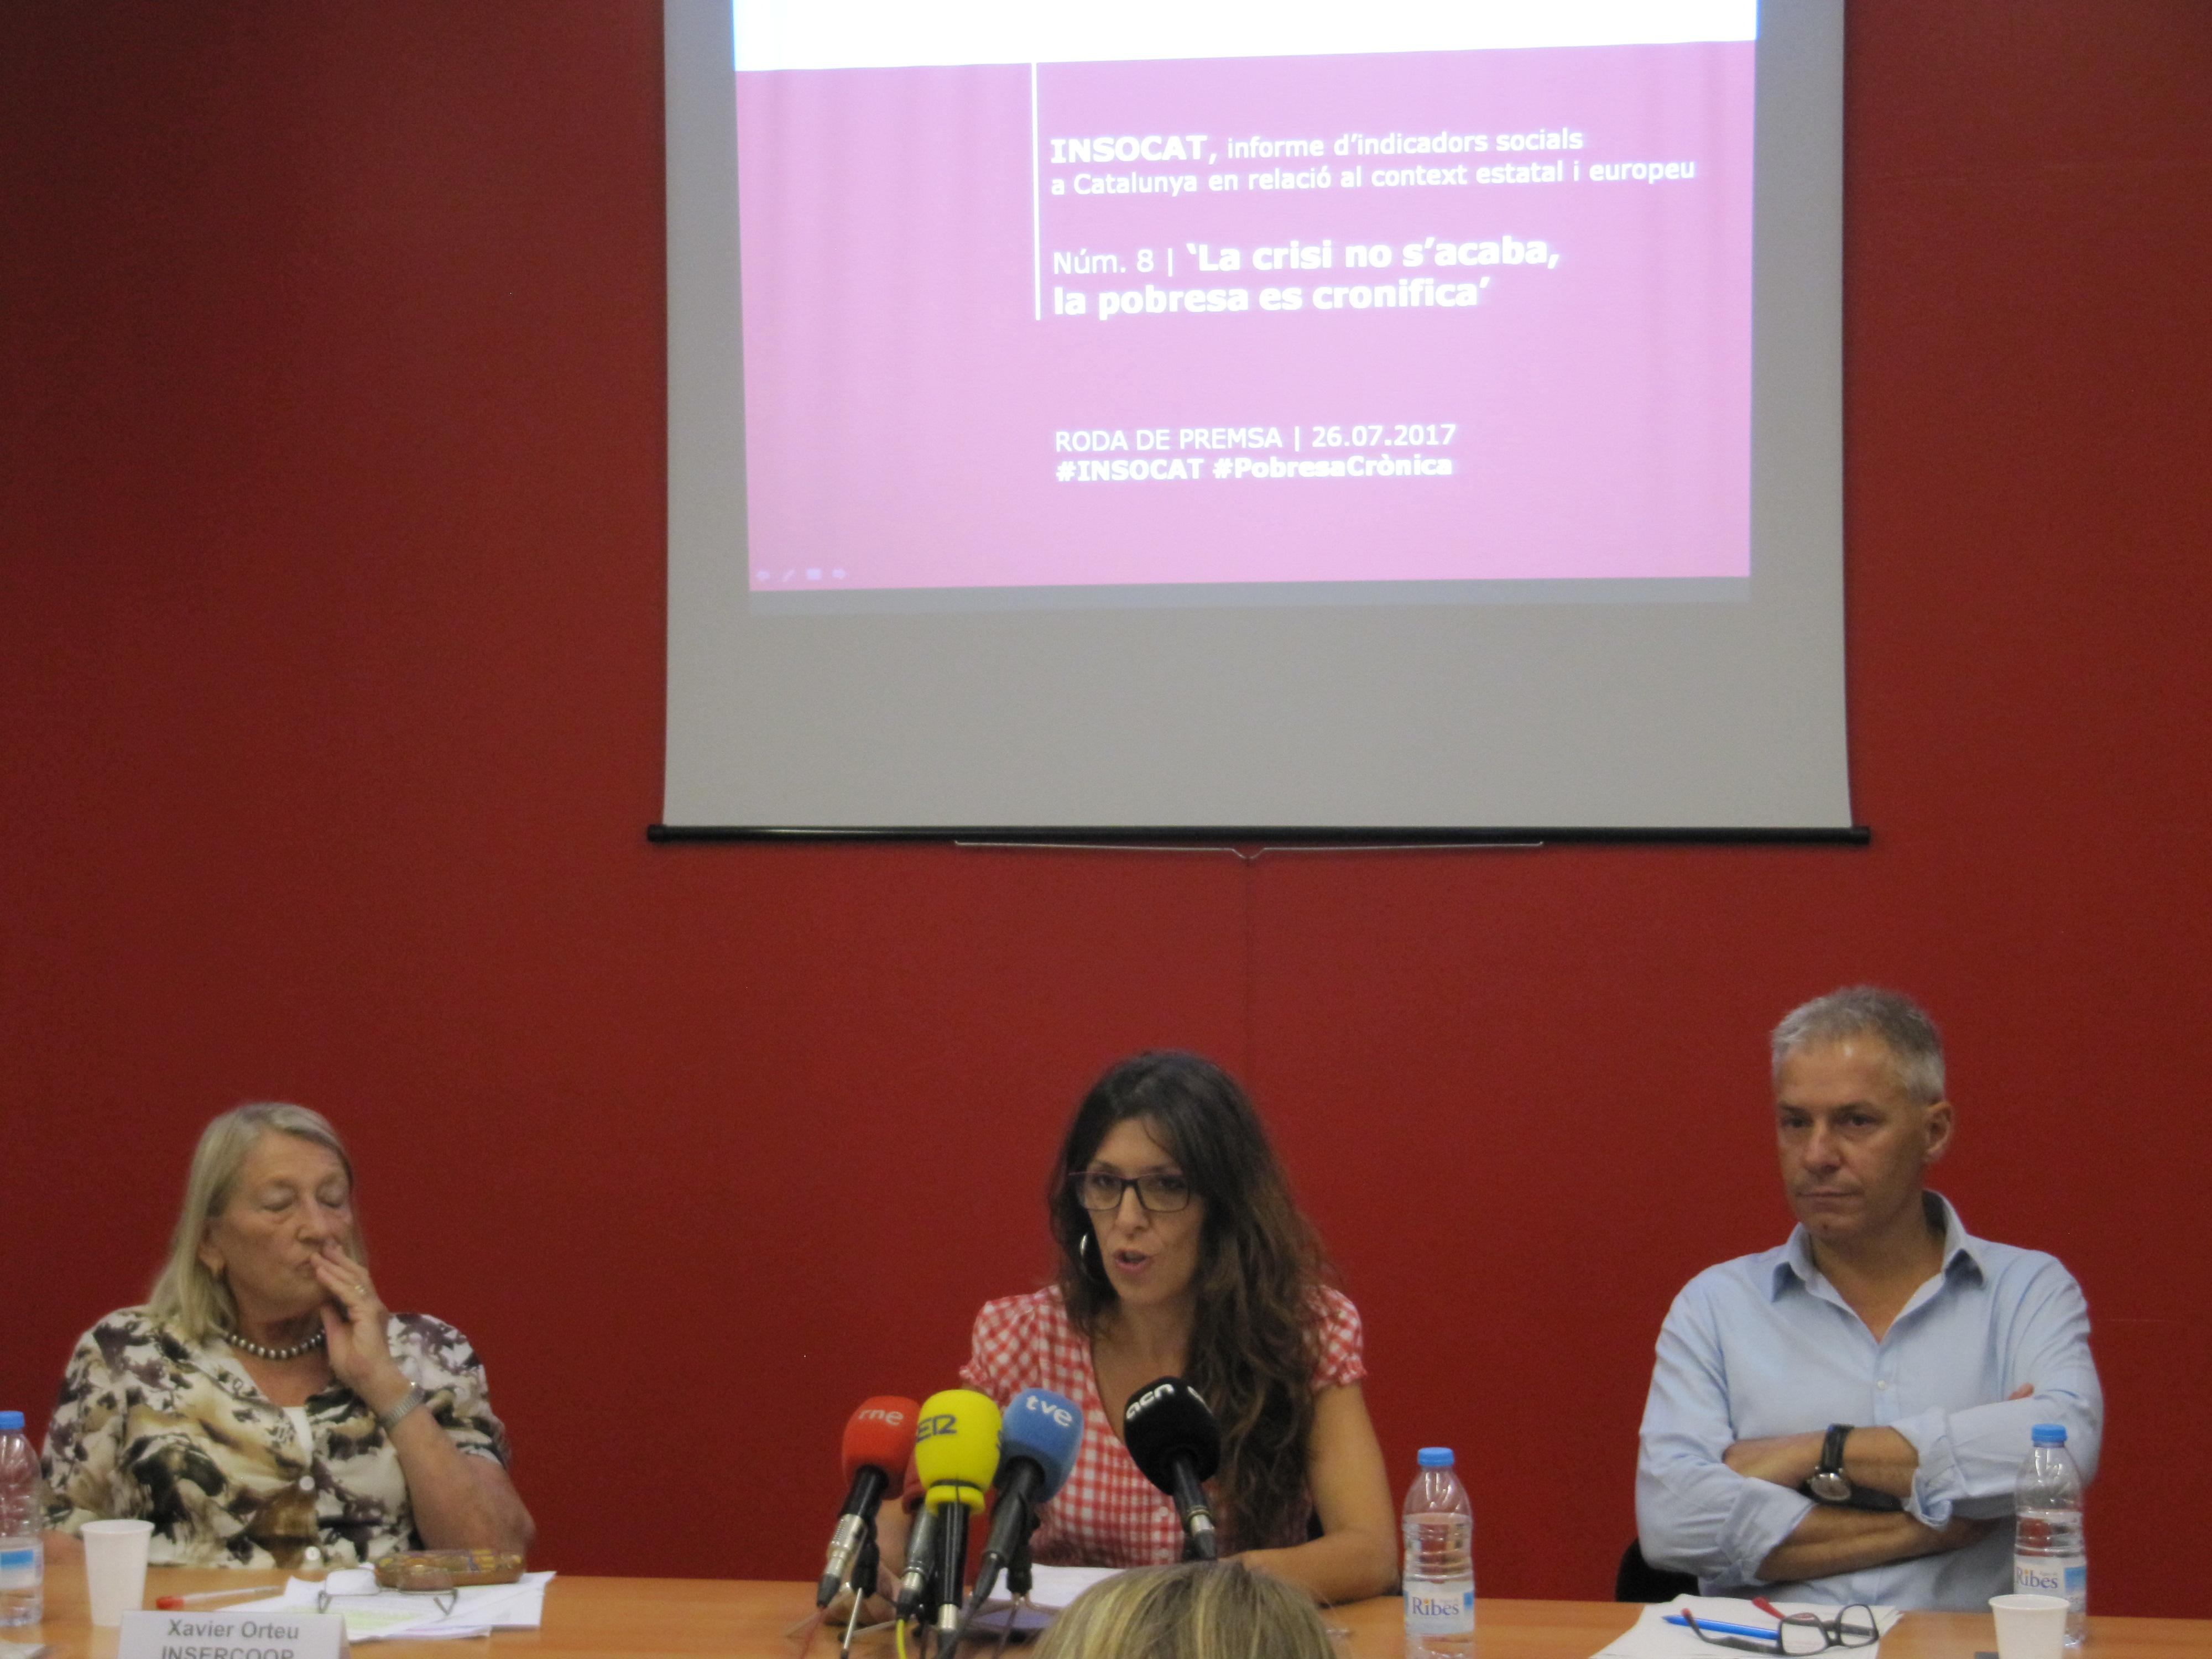 INSOCAT 8: Malgrat l'increment dels ingressos mitjans, la pobresa es cronifica per a gairebé una cinquena part de la població catalana